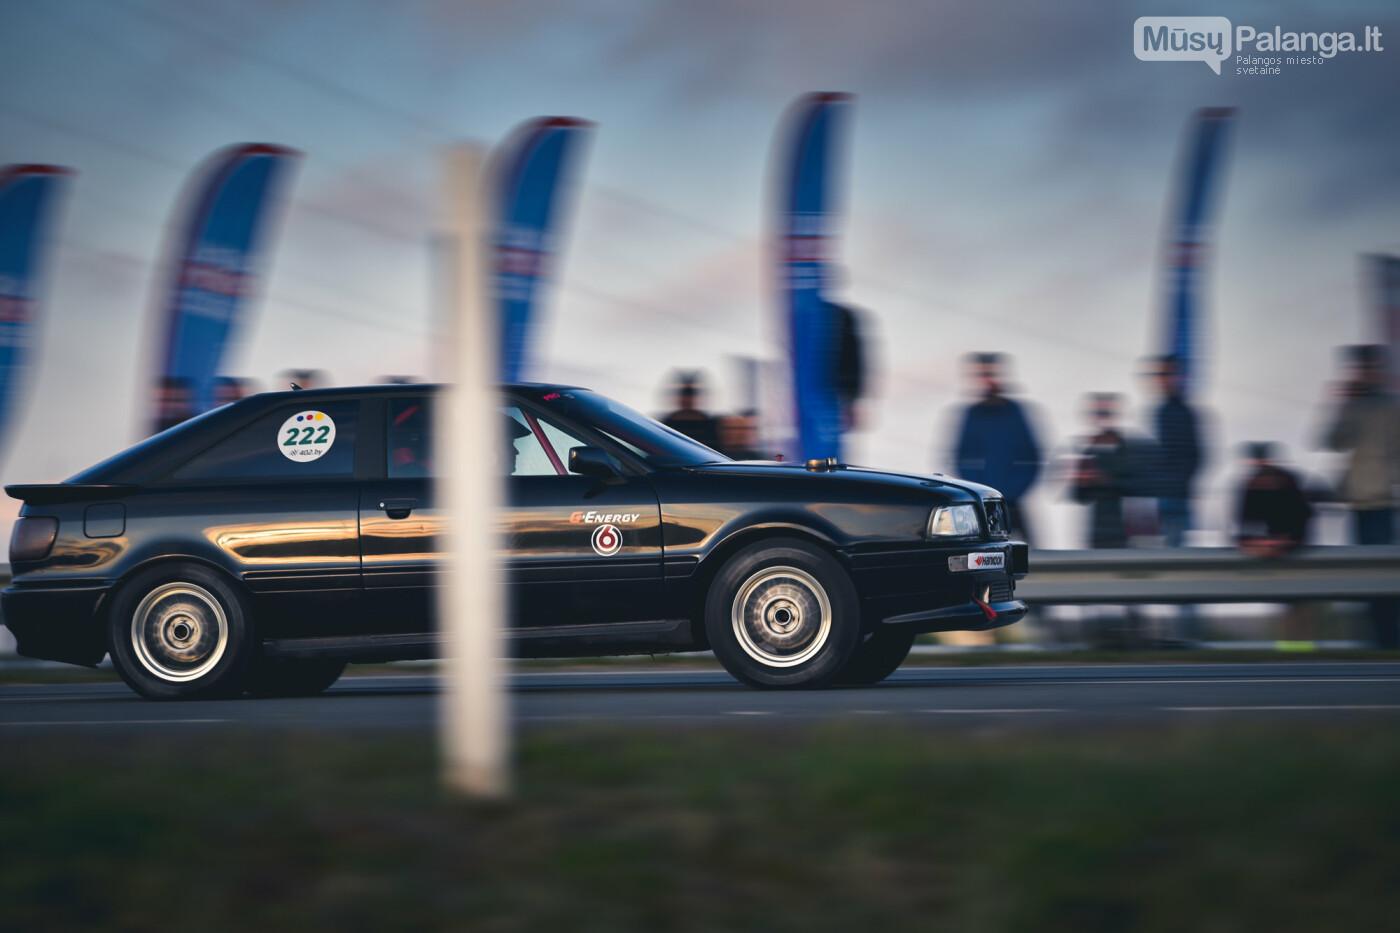 """Traukos lenktynėse Palangoje greičiausi – """"Nissan GT-R"""" automobiliai, nuotrauka-37"""